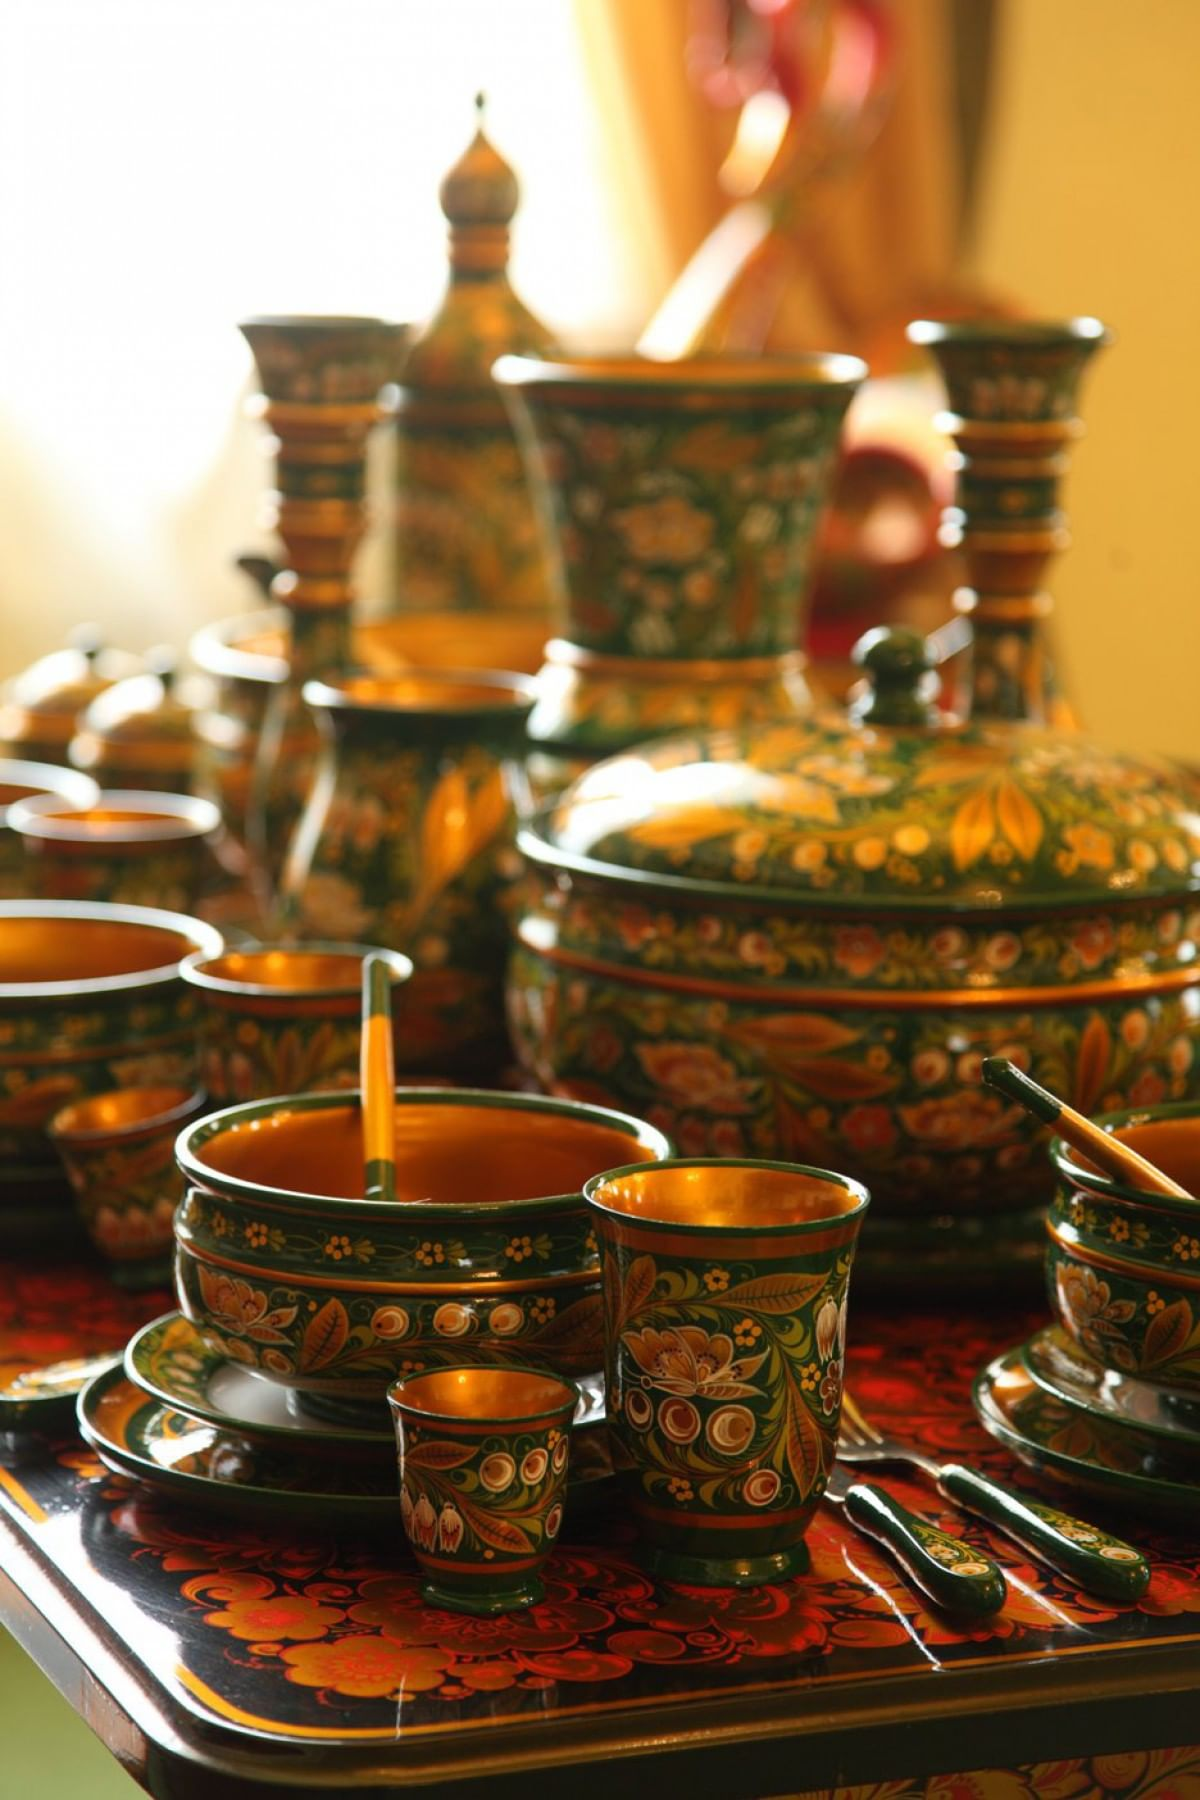 Хохломская роспись посуды